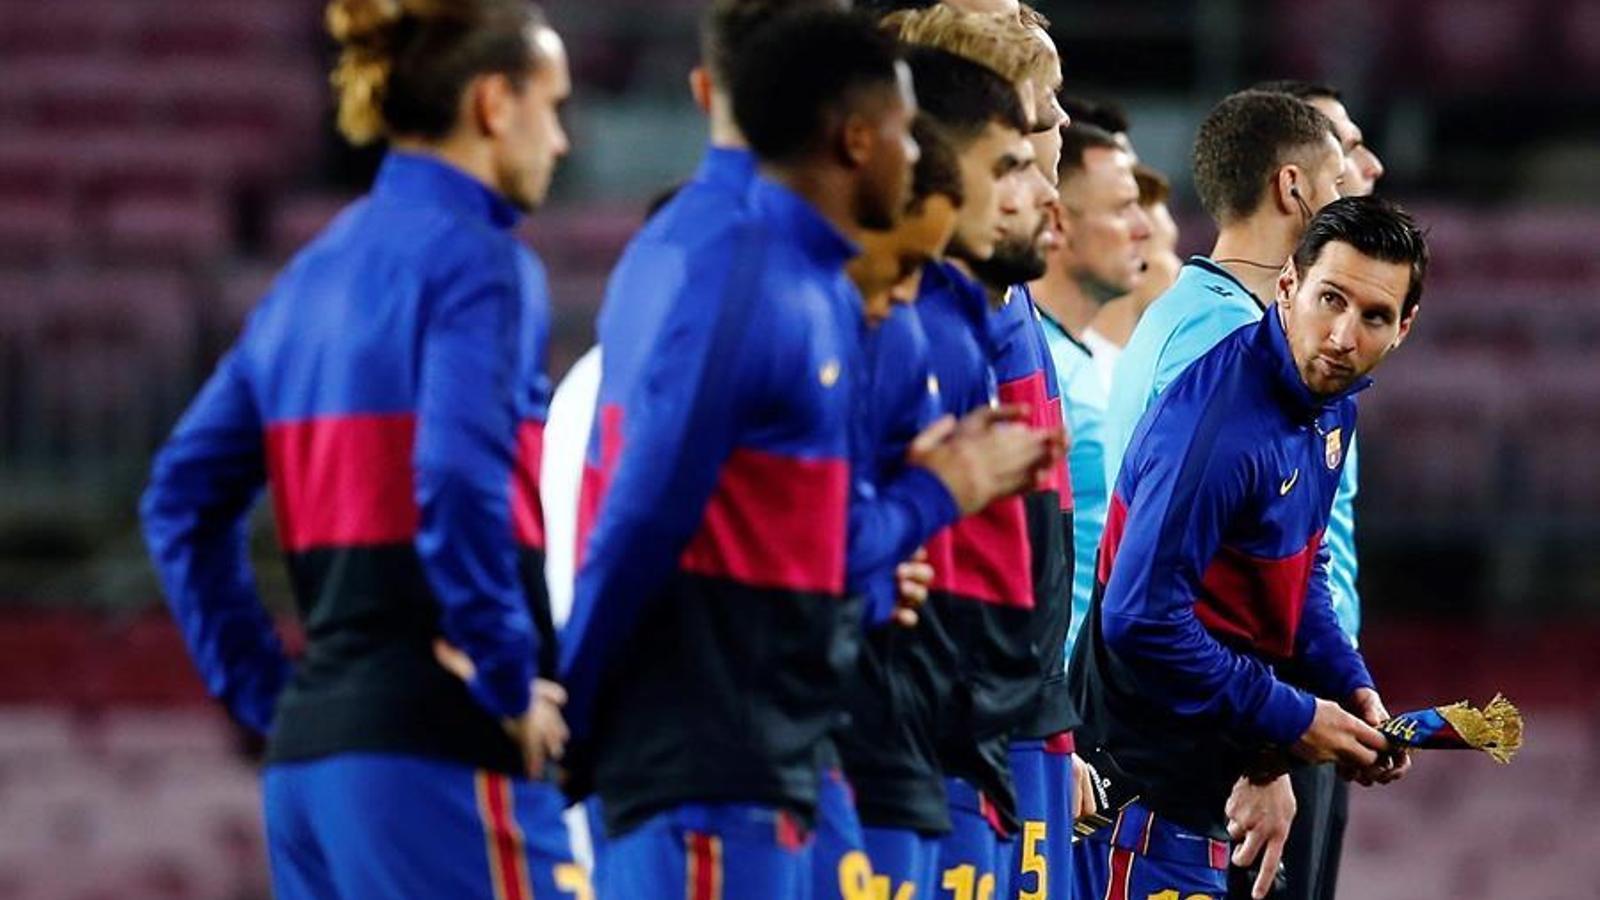 La taula de negociació salarial del Barça arriba a l'últim dia sense acord